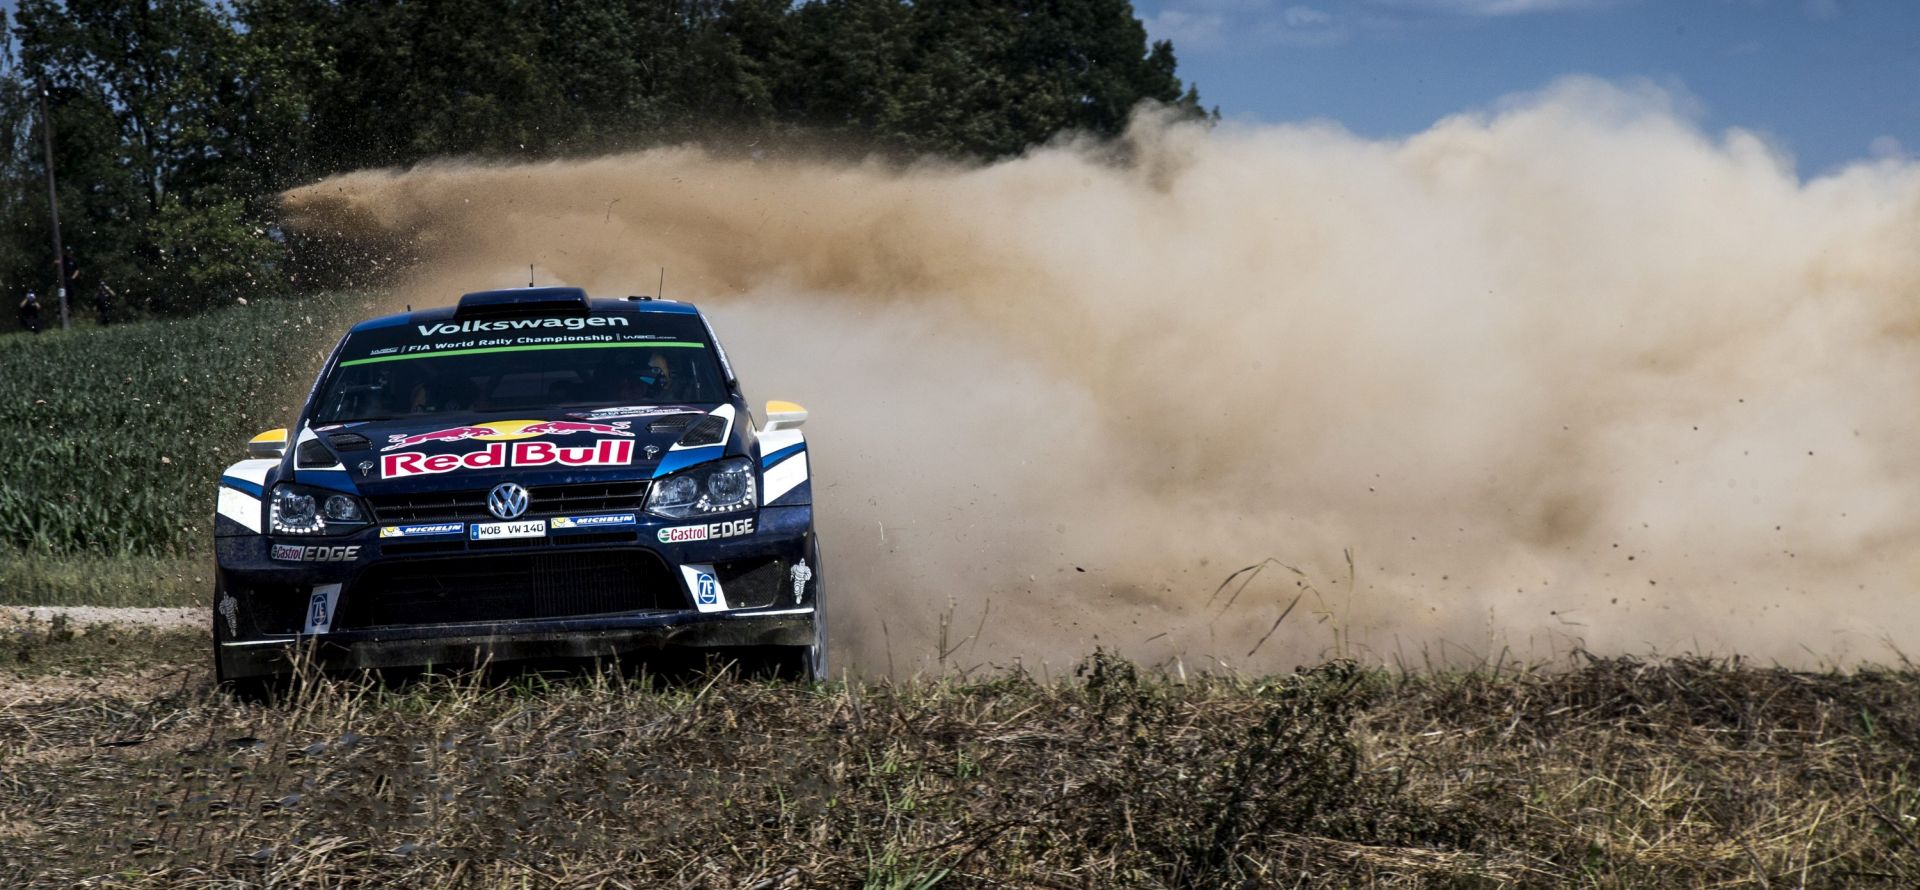 RELI: Mikkelsen pobijedio u Poljskoj